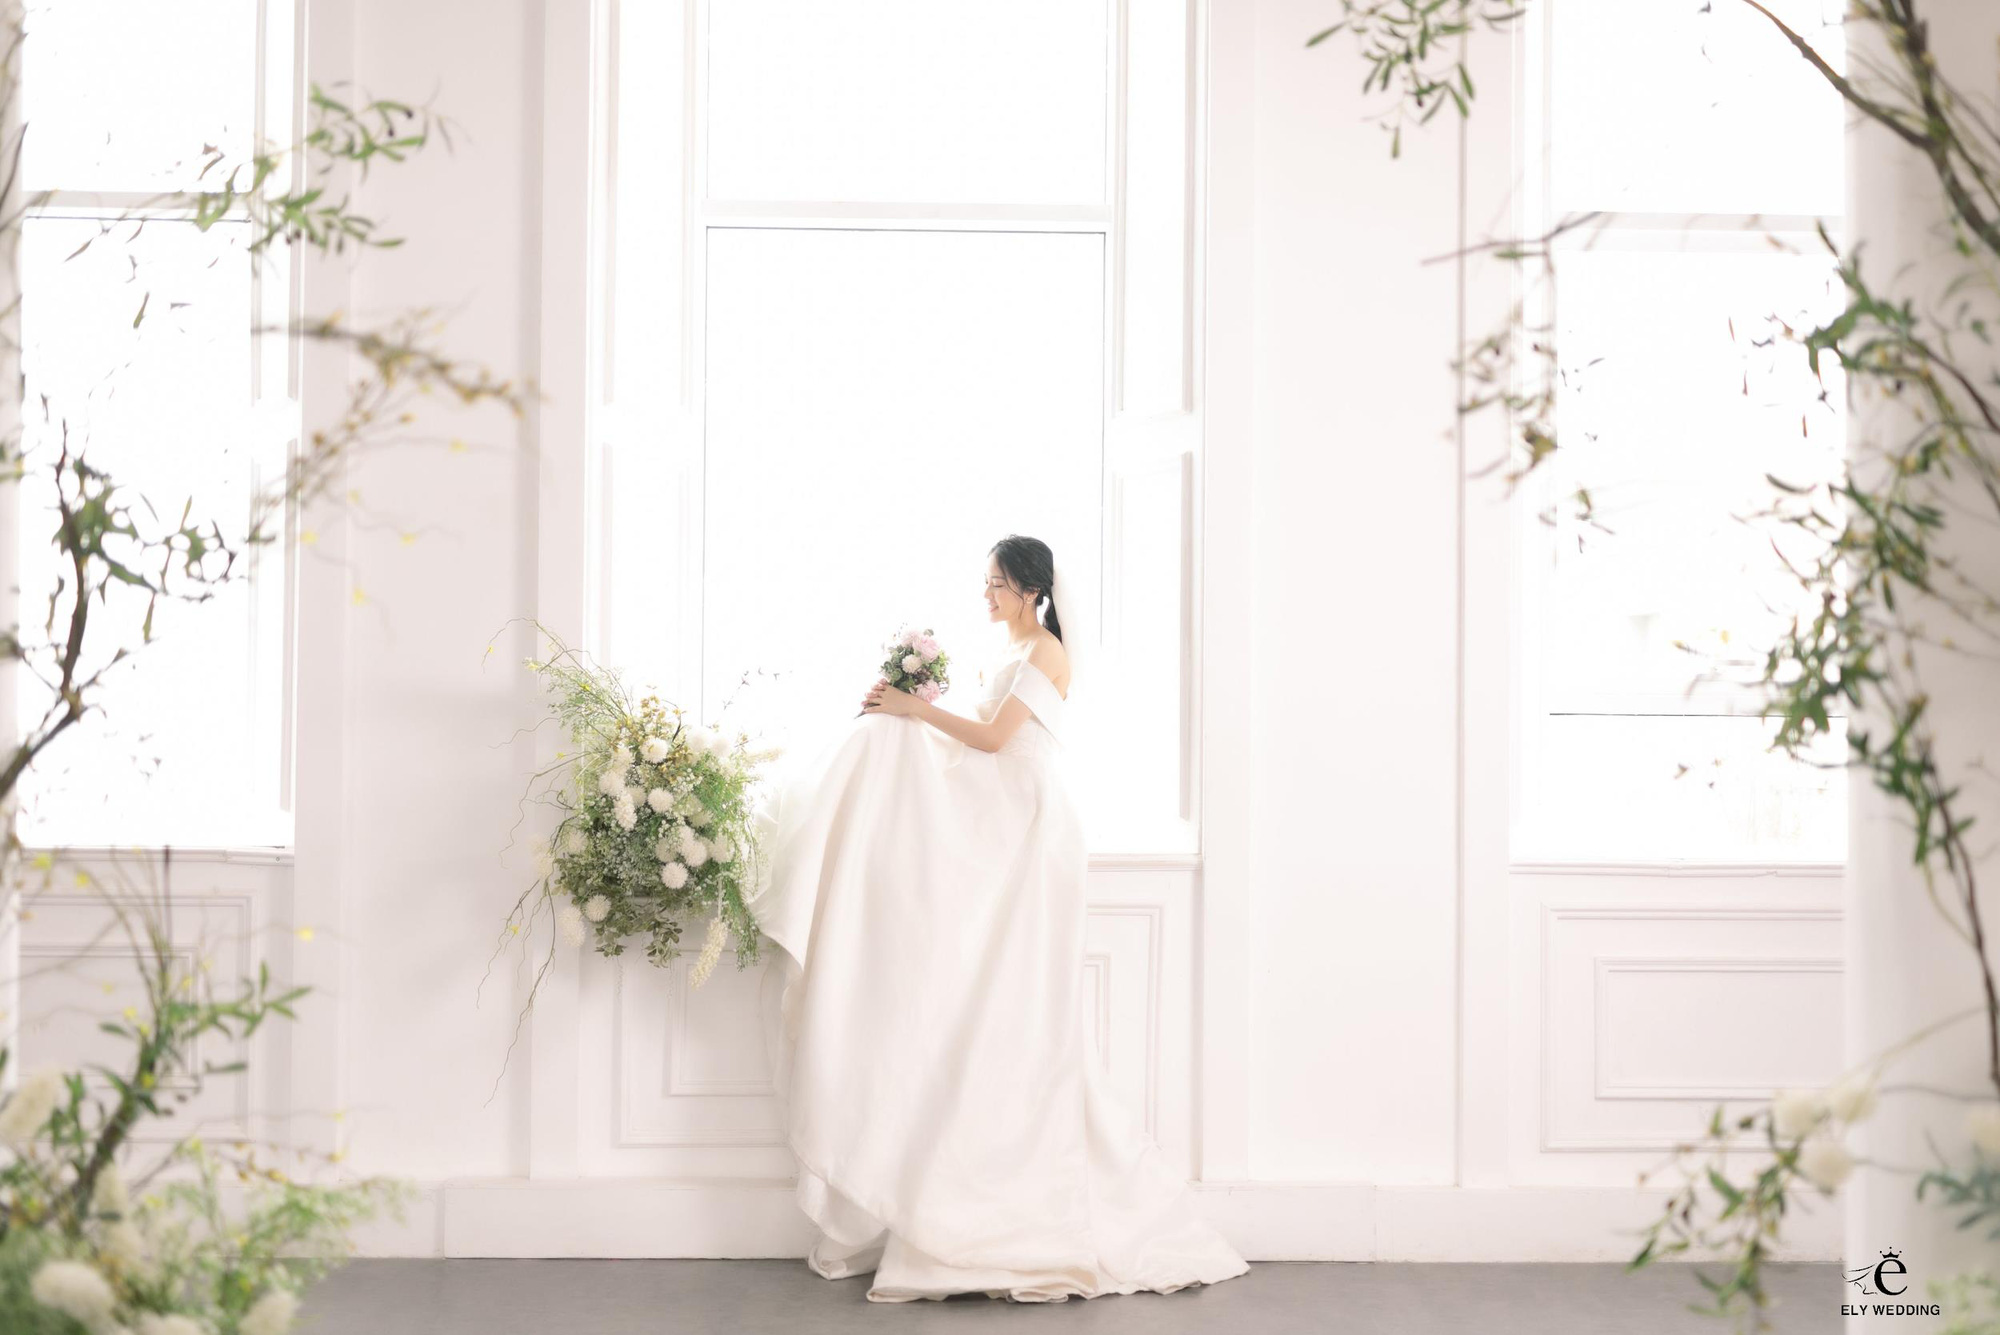 Mách nhỏ 5 địa điểm chụp ảnh cưới hot nhất Hà Nội, cứ đến là có ảnh đẹp! - Ảnh 11.